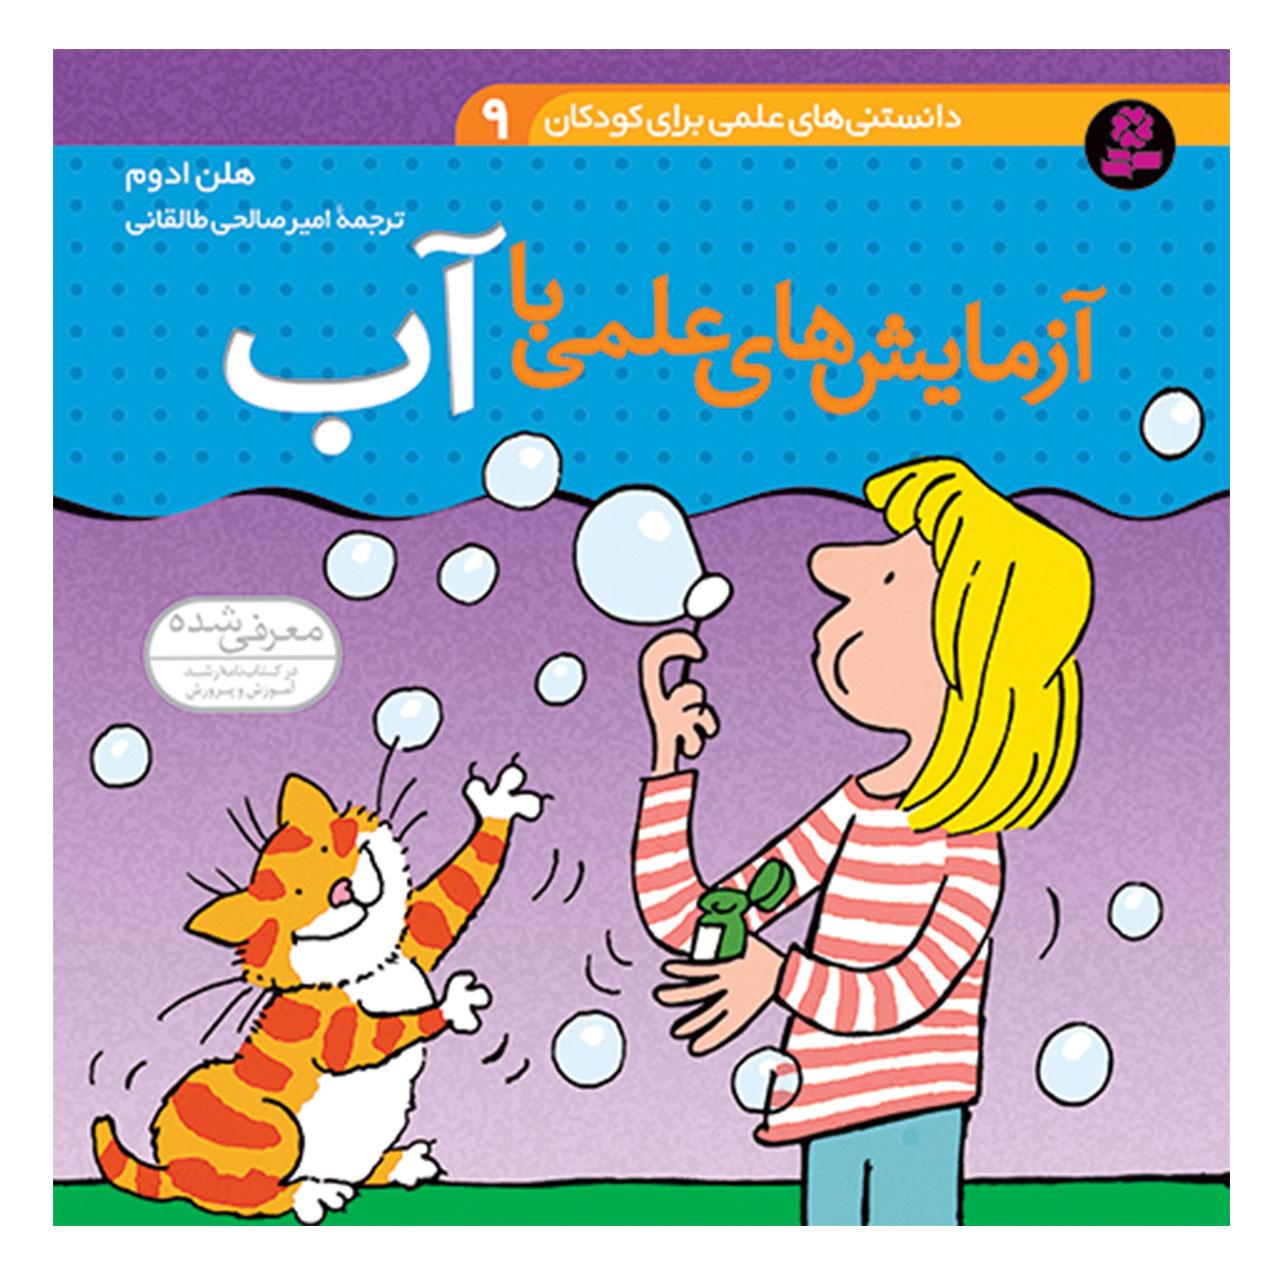 خرید                      کتاب دانستنی های علمی برای کودکان 9 آزمایش های علمی با آب اثر هلن ادوم انتشارات قدیانی